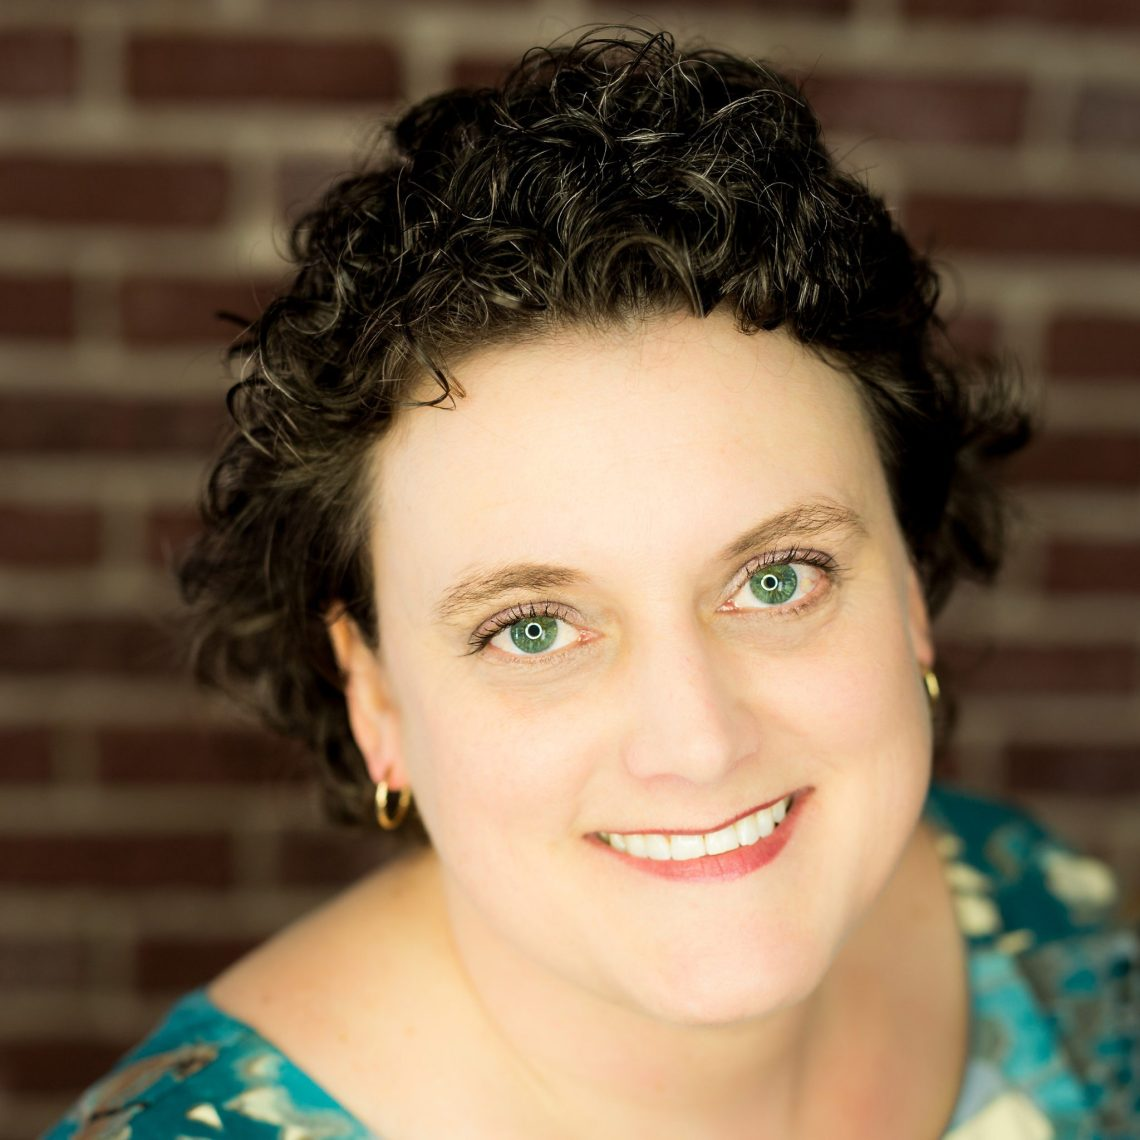 Julie Willson